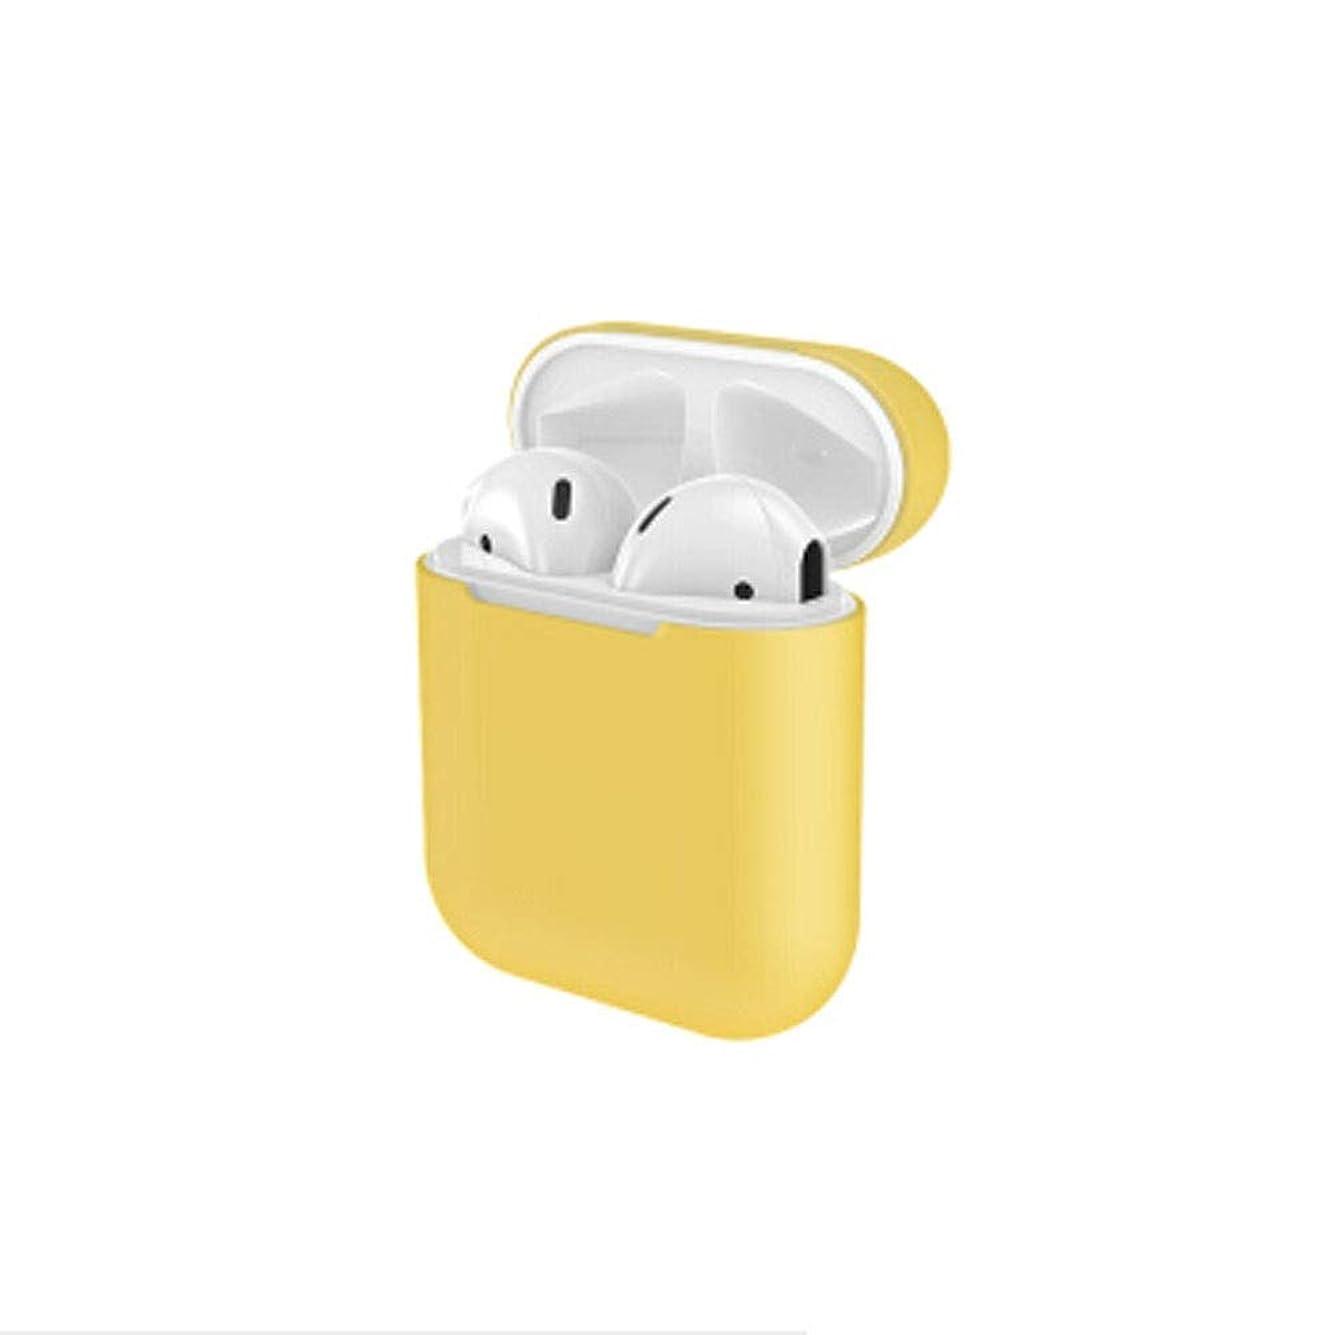 セミナークレジットサミットヘッドフォンカバー、AirPodsケース、ワイヤレスBluetoothヘッドセットボックス、液体シリコンケース、マルチカラーオプション (Color : Yellow)